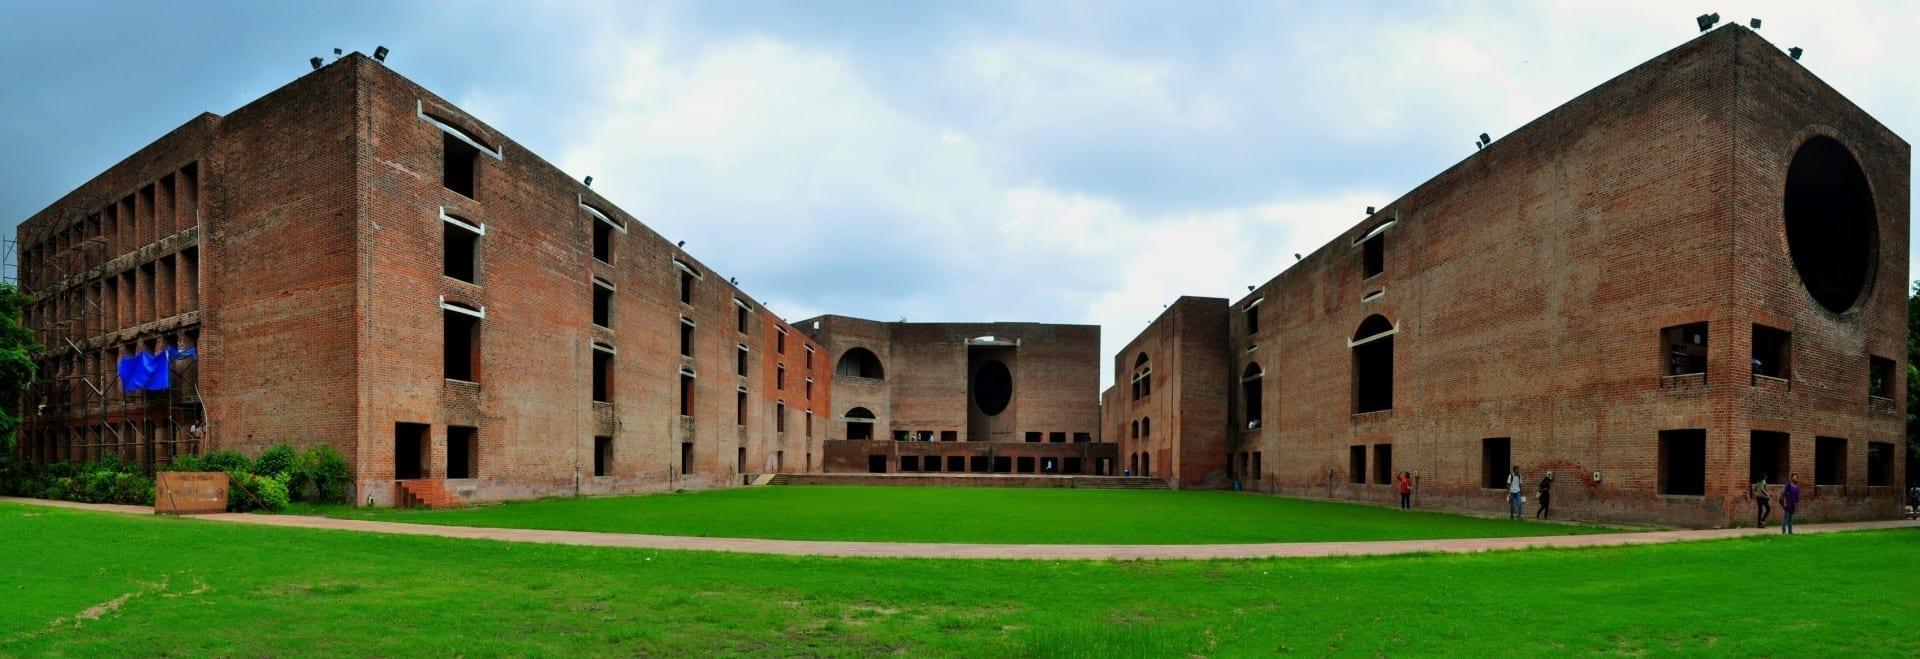 El Instituto Indio de Gestión (IIM) en Vastrapur, Ahmedabad Ahmedabad India